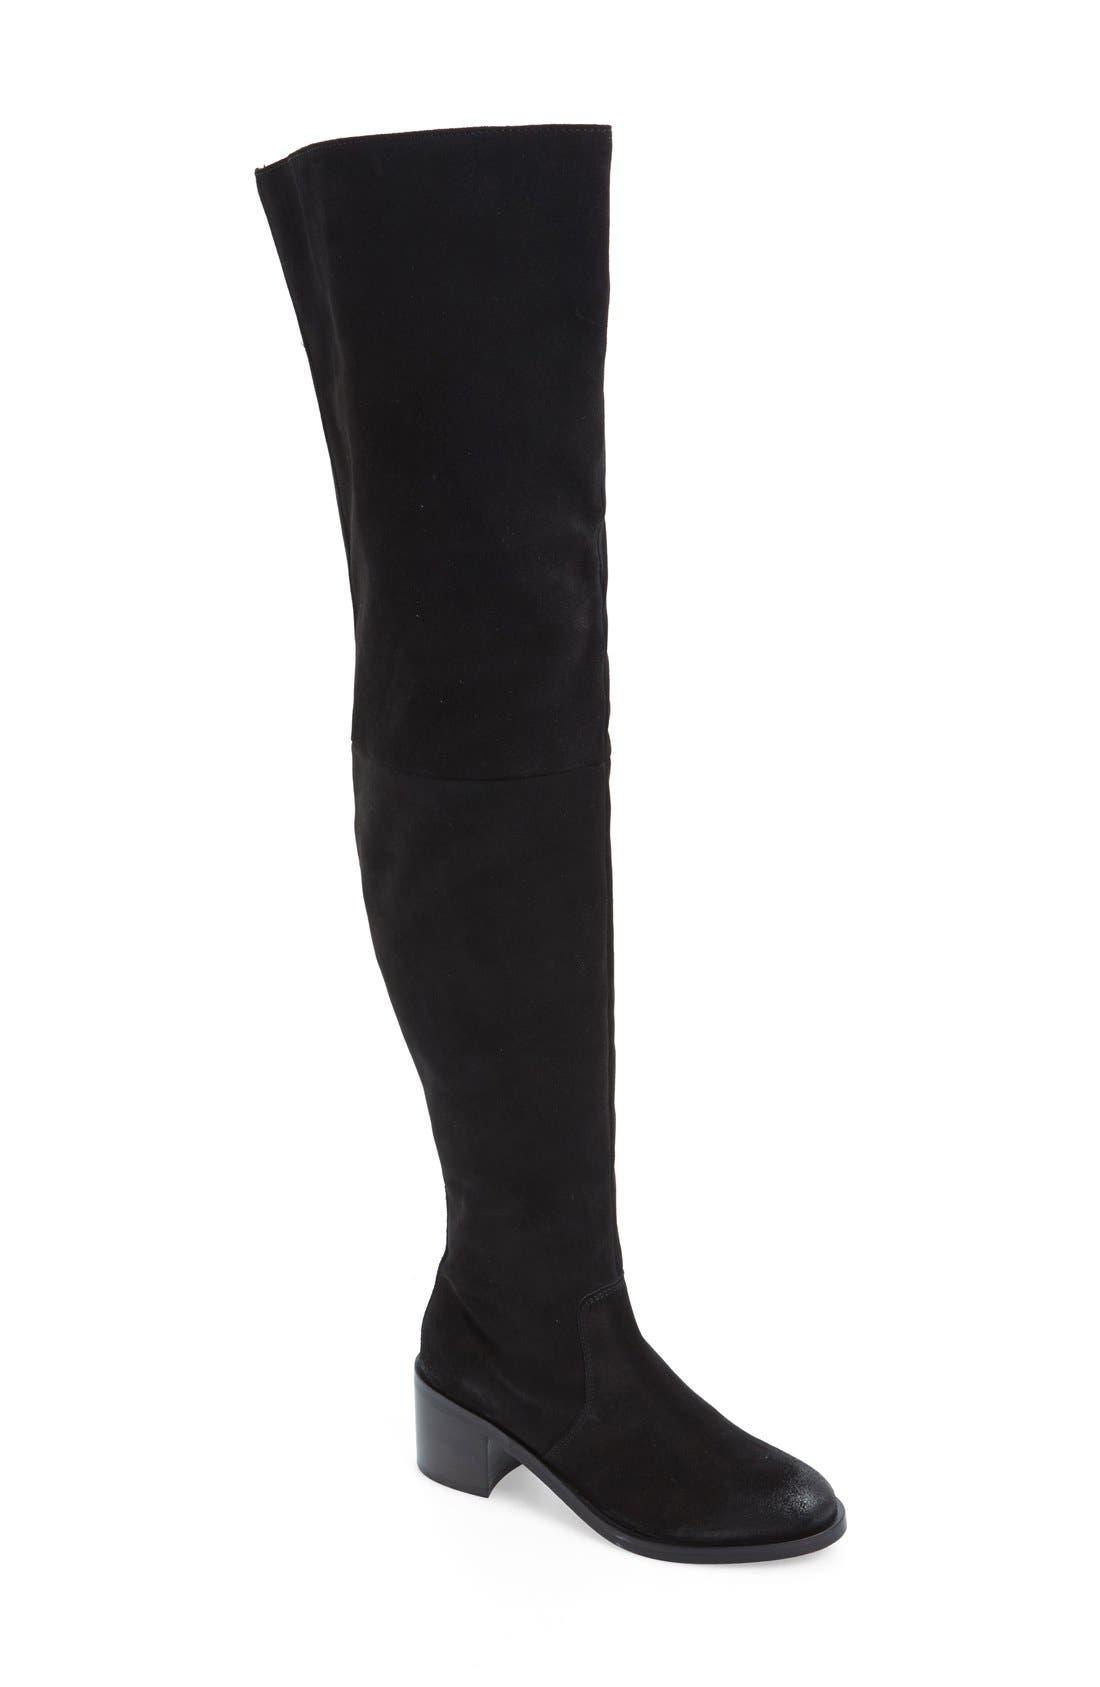 SEYCHELLES 'Sardonyx' Thigh High Boot, Main, color, 001